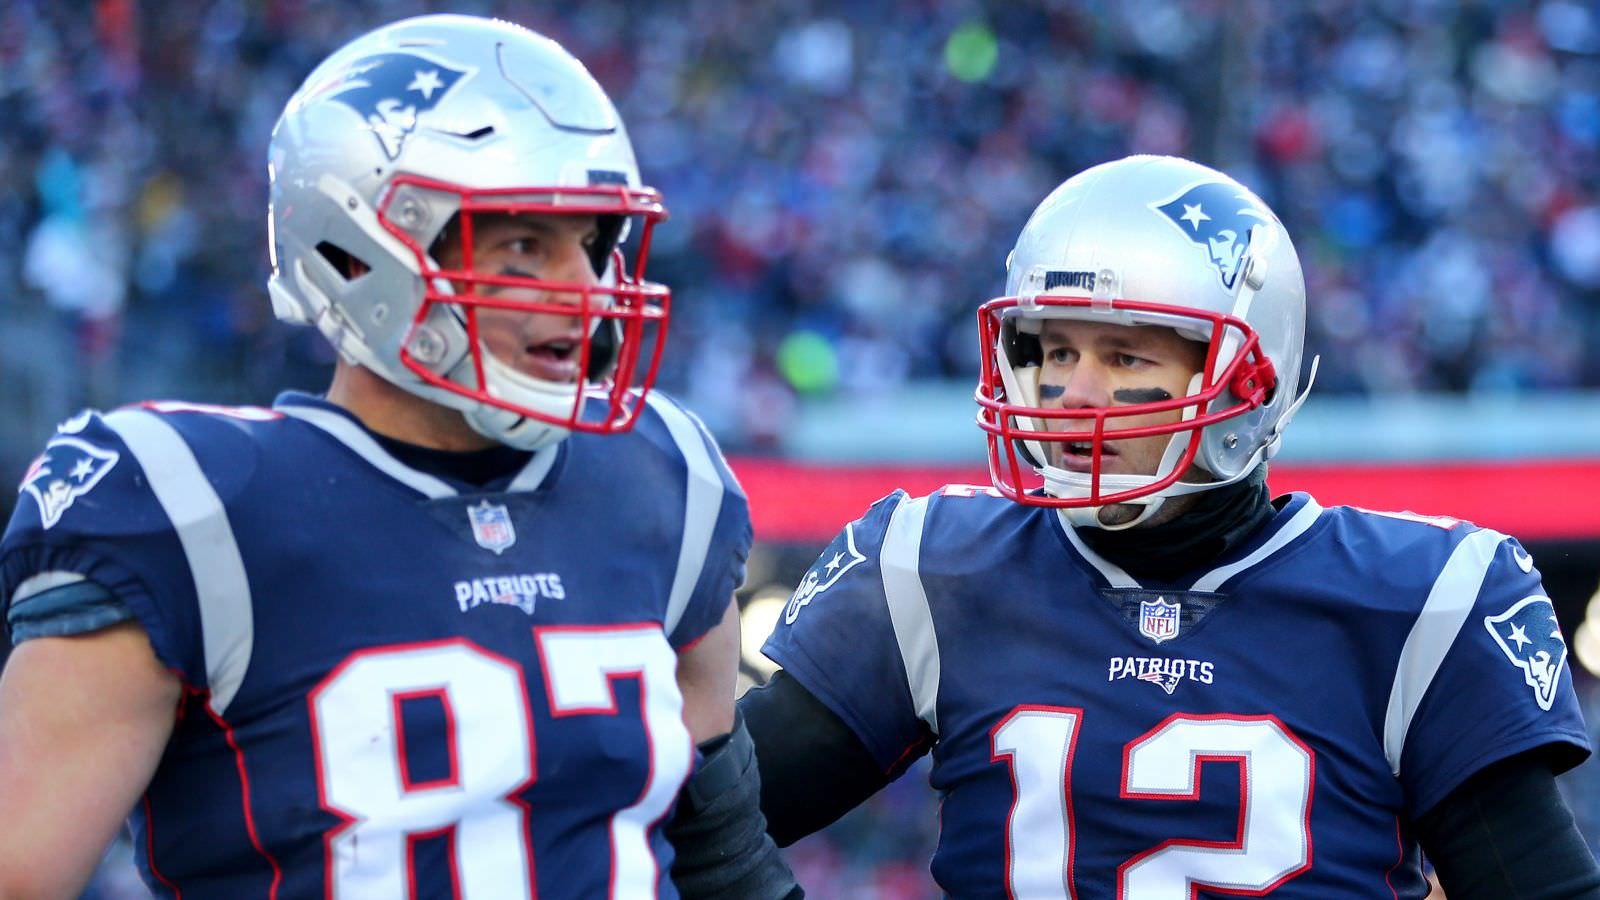 Relatório: Os patriotas culpam o treinador de charlatão de Tom Brady pelos ferimentos de Gronk